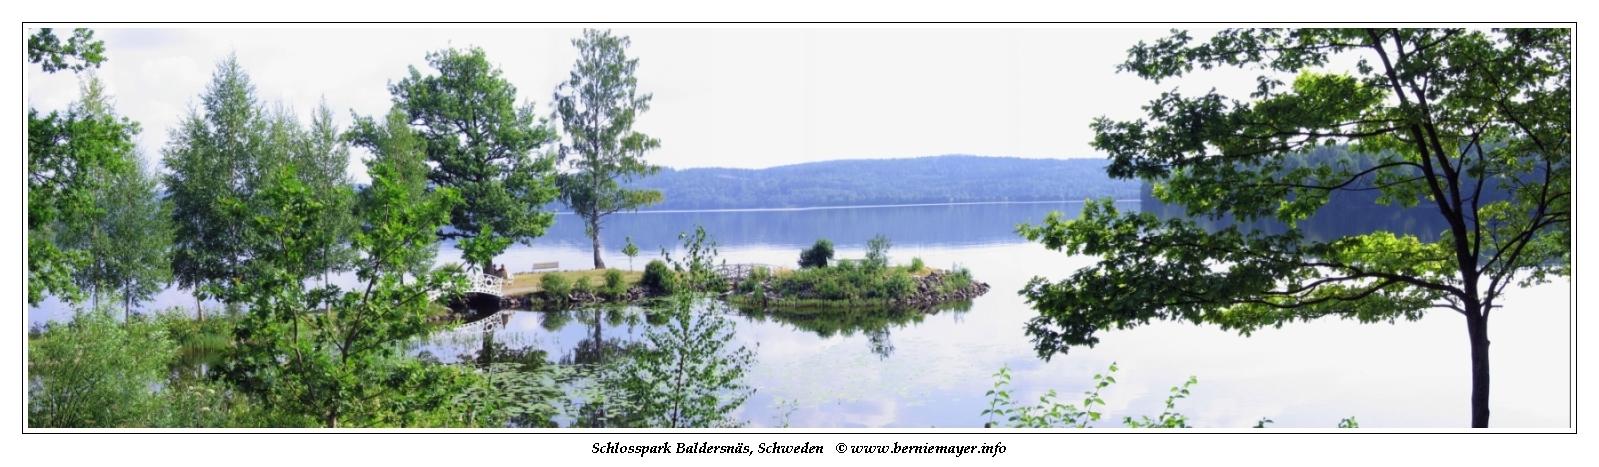 Schlosspark Baldersnäs am Laxsjön